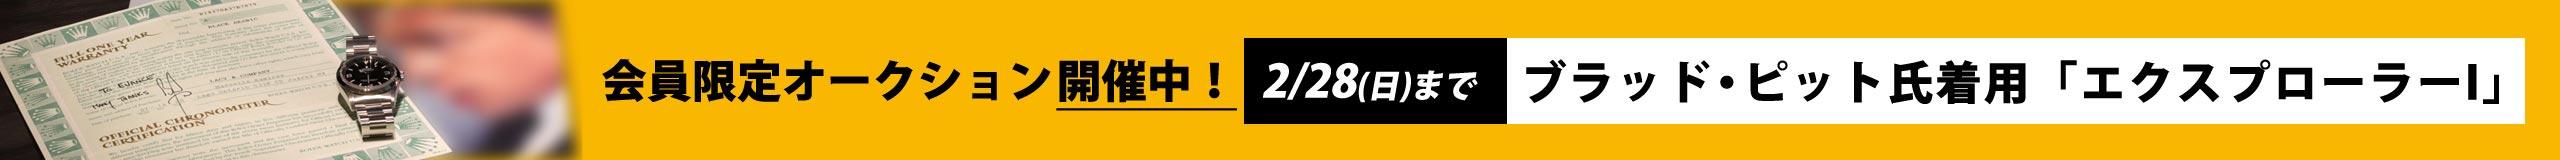 【オークション開催】ブラッド・ピット氏着用、サイン入り「ROLEX エクスプローラーI(Ref.14270)」